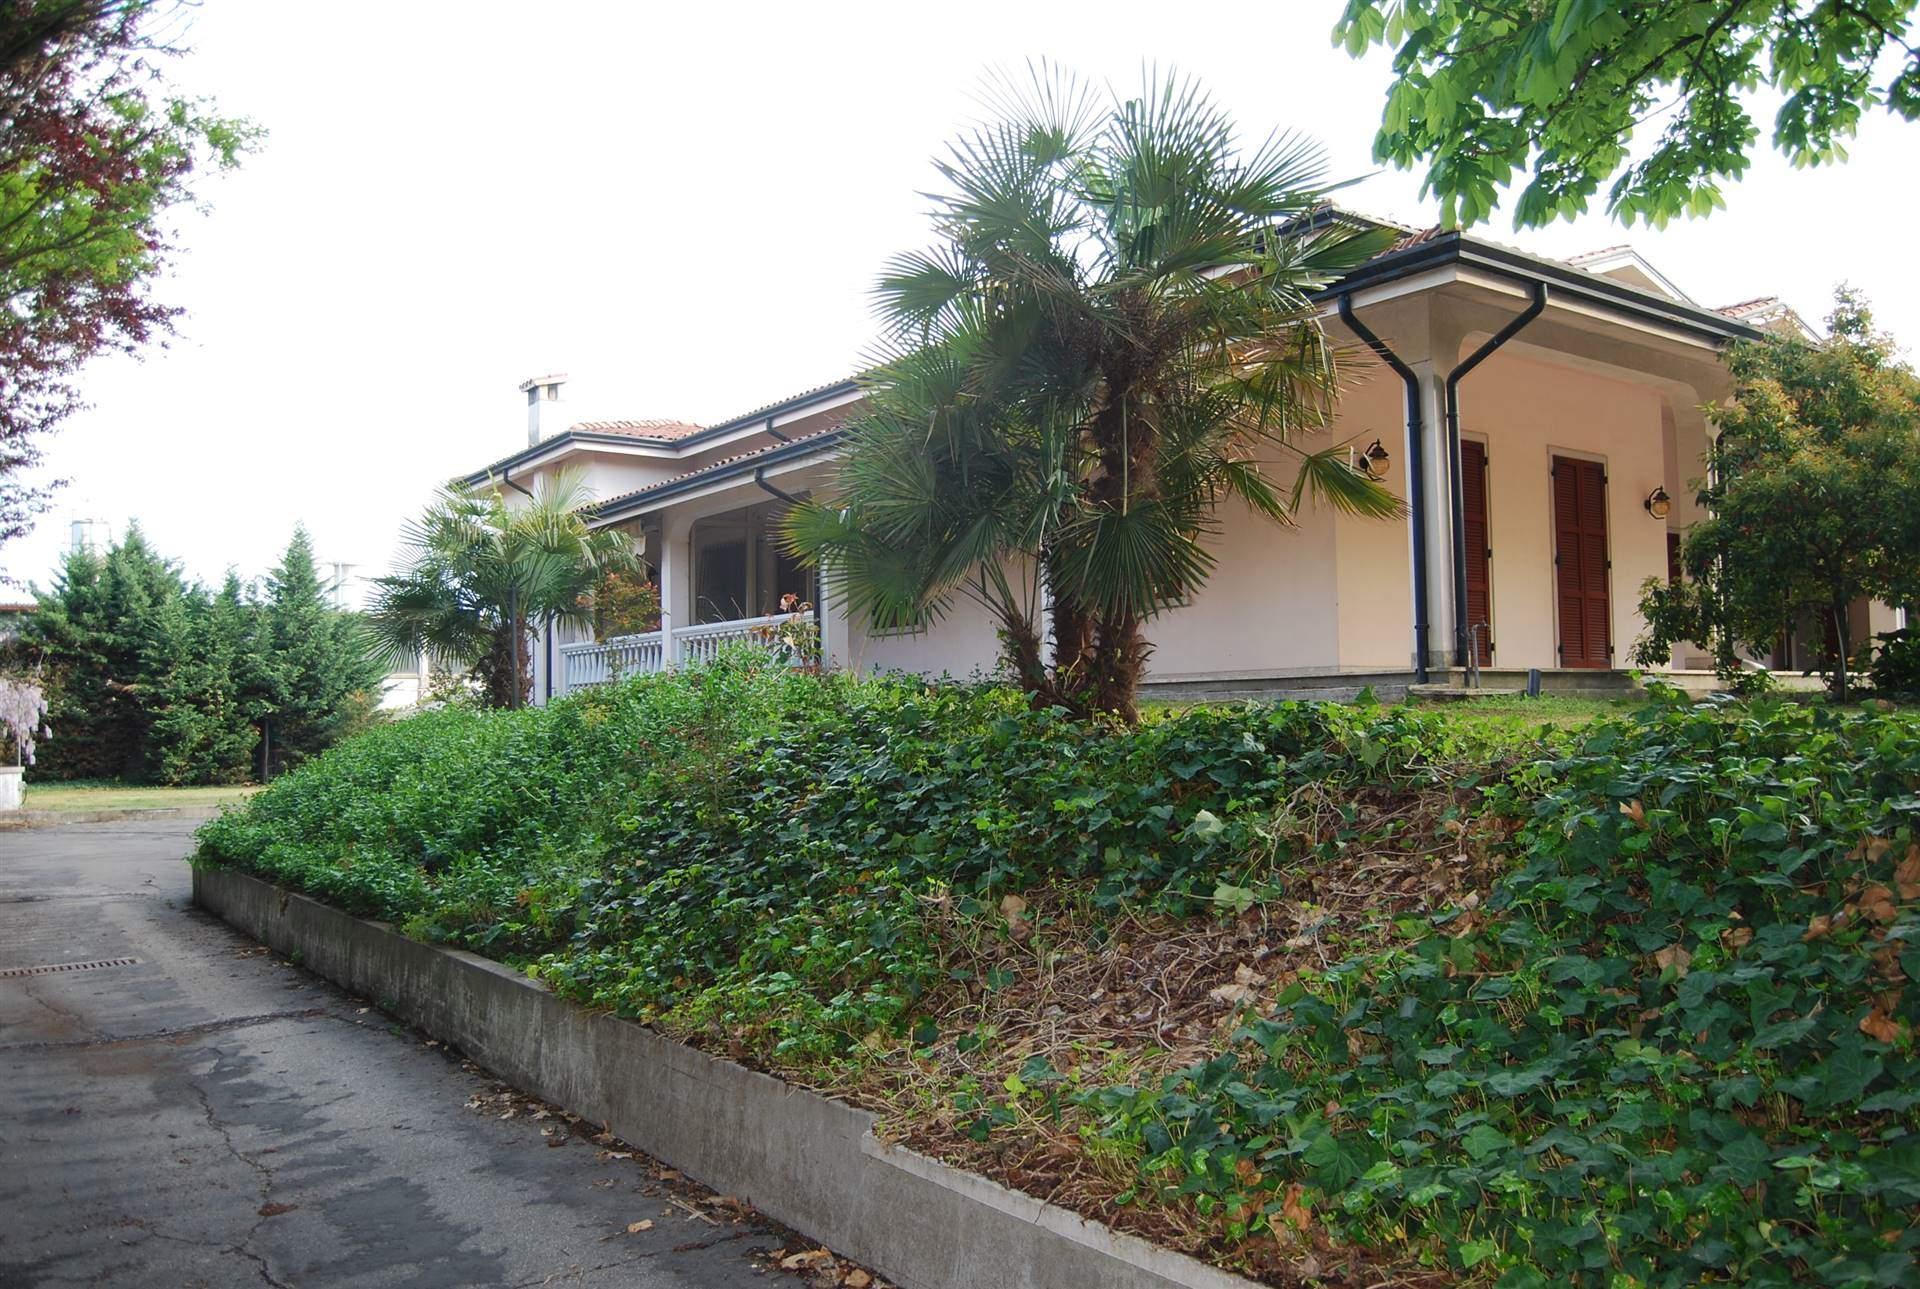 Villa Bifamiliare in vendita a Poggio Rusco, 12 locali, prezzo € 250.000 | CambioCasa.it